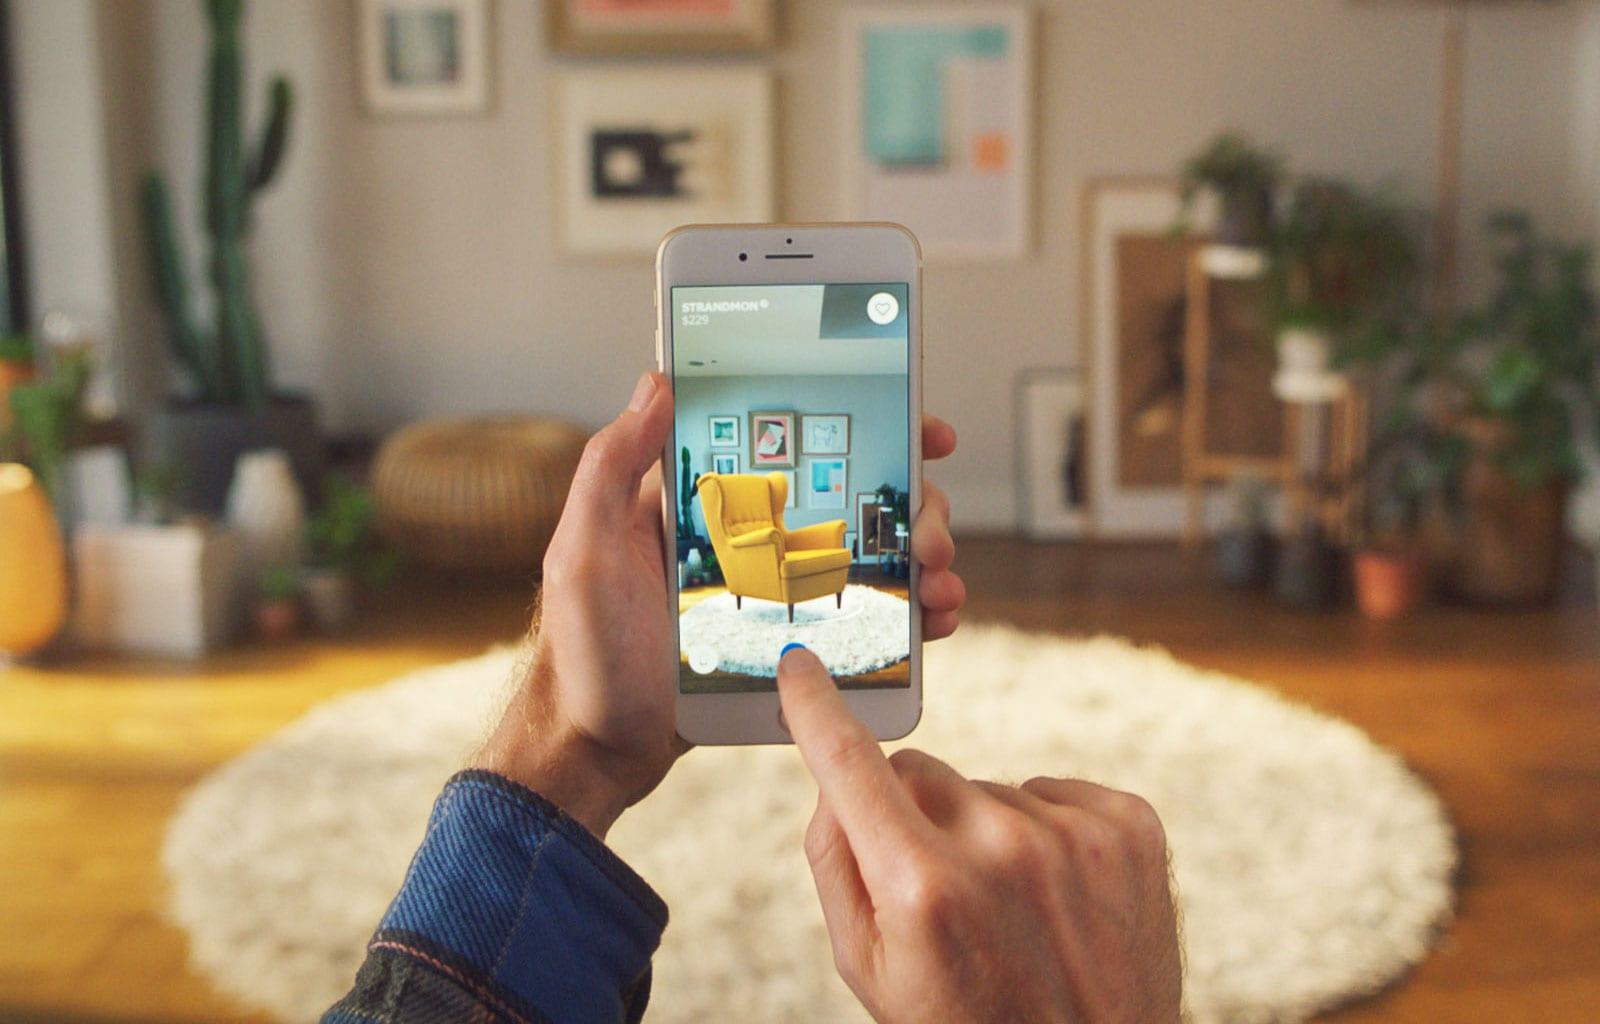 ikea place ed - Bezplatná aplikace AR od IKEA, která vám umožní vizualizovat předměty ve vašem domě